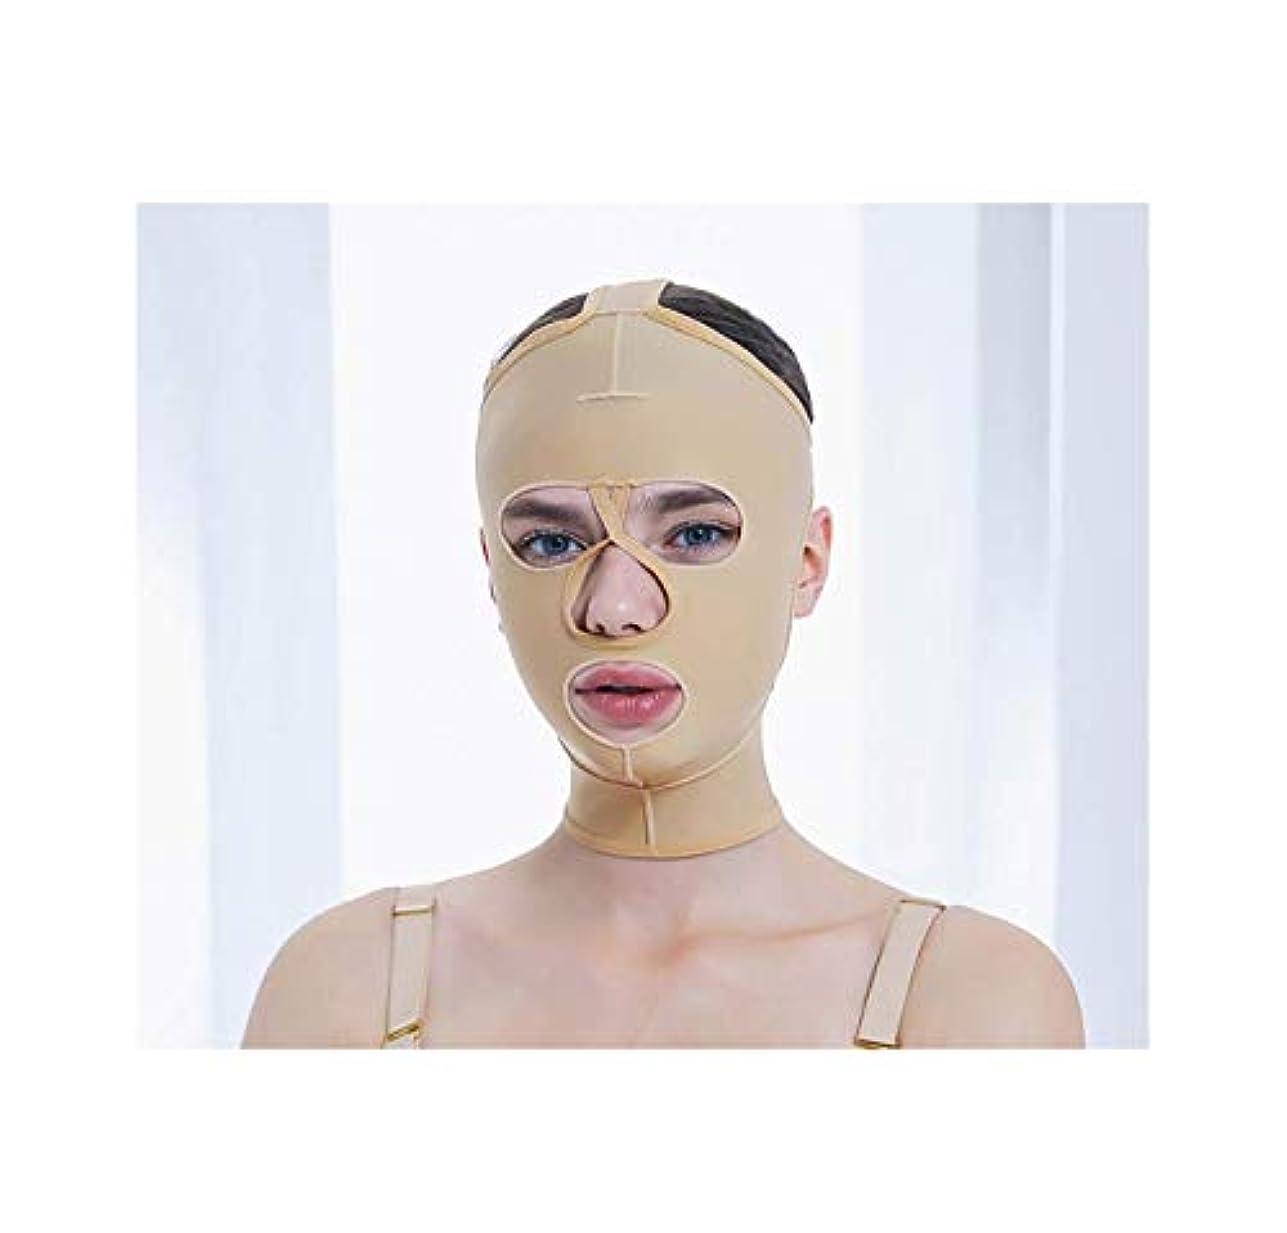 不透明な移民歩くフェイス&ネックリフト、減量フェイスマスク脂肪吸引術脂肪吸引整形マスクフードフェイスリフティングアーティファクトVフェイスビームフェイス弾性スリーブ(サイズ:XS),Xl